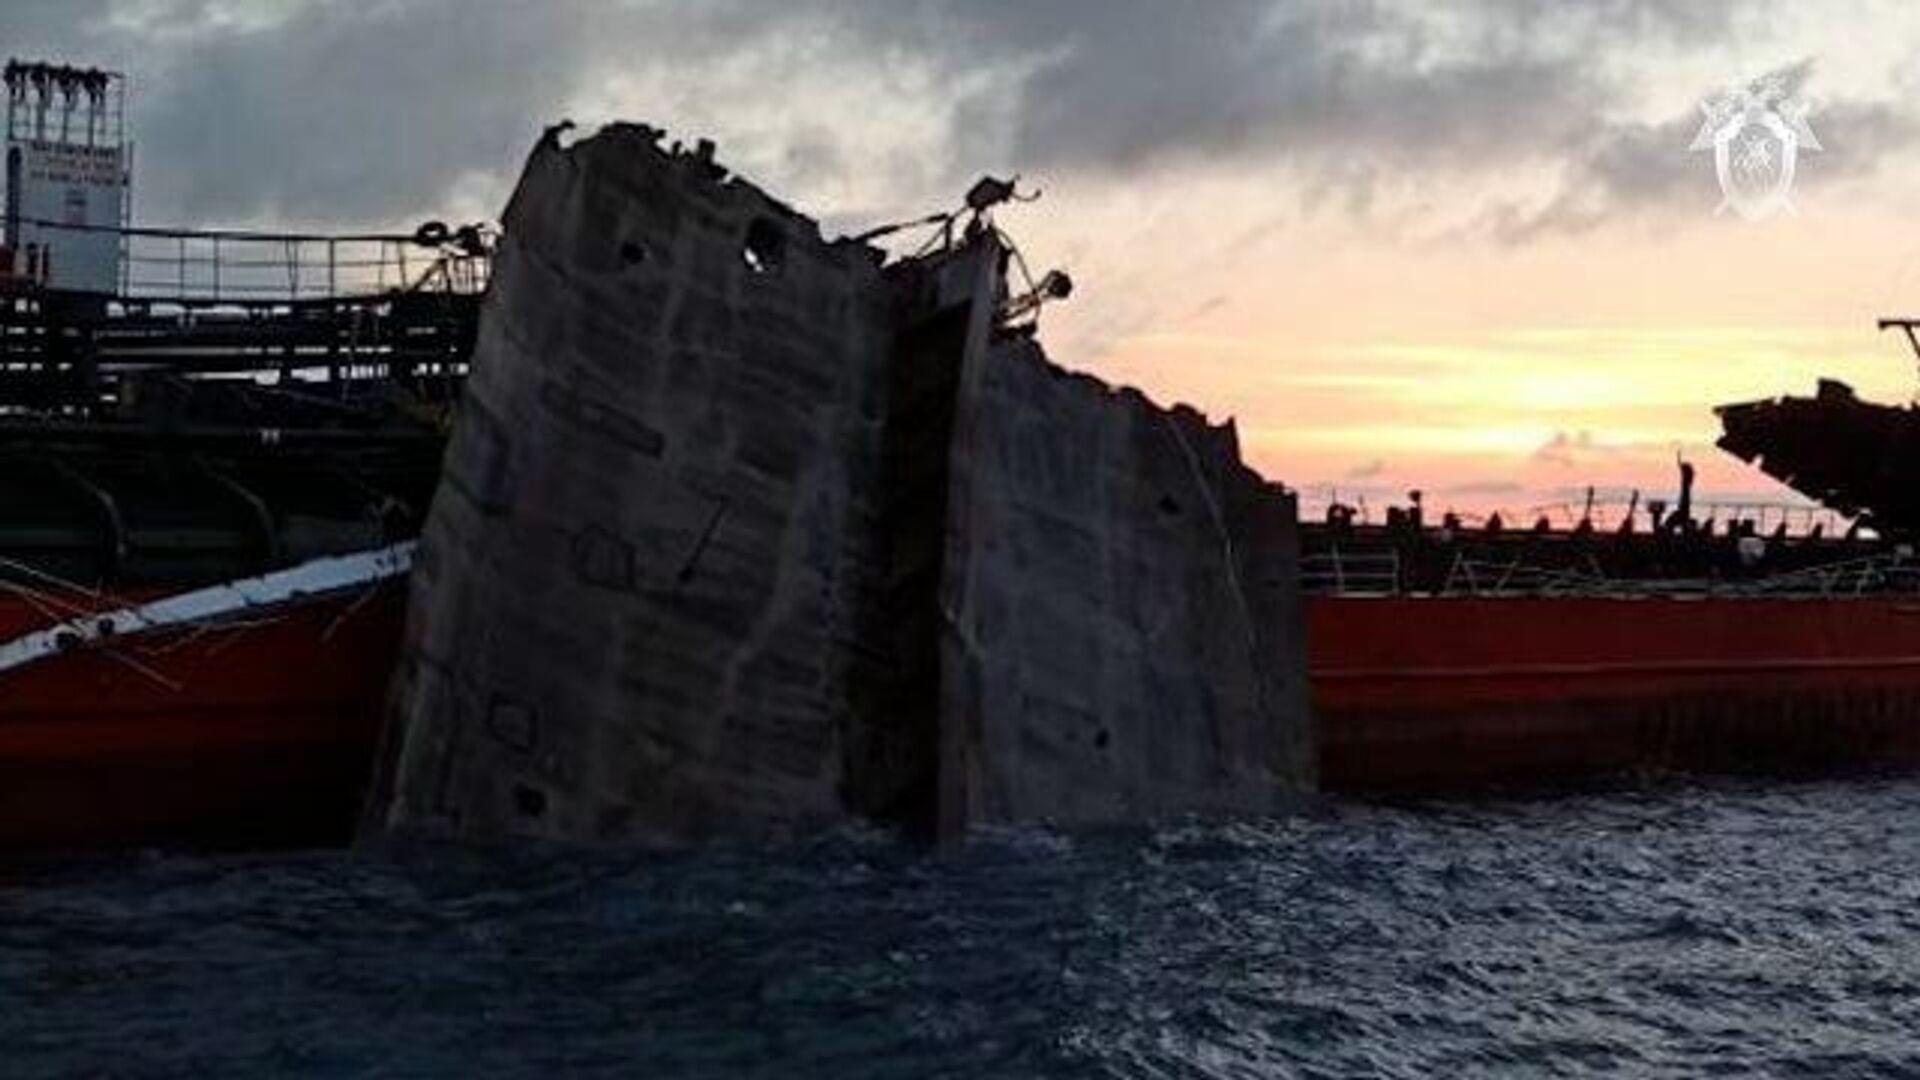 Кадры танкера Генерал Ази Асланов в Азовском море, где произошел взрыв - РИА Новости, 1920, 25.10.2020